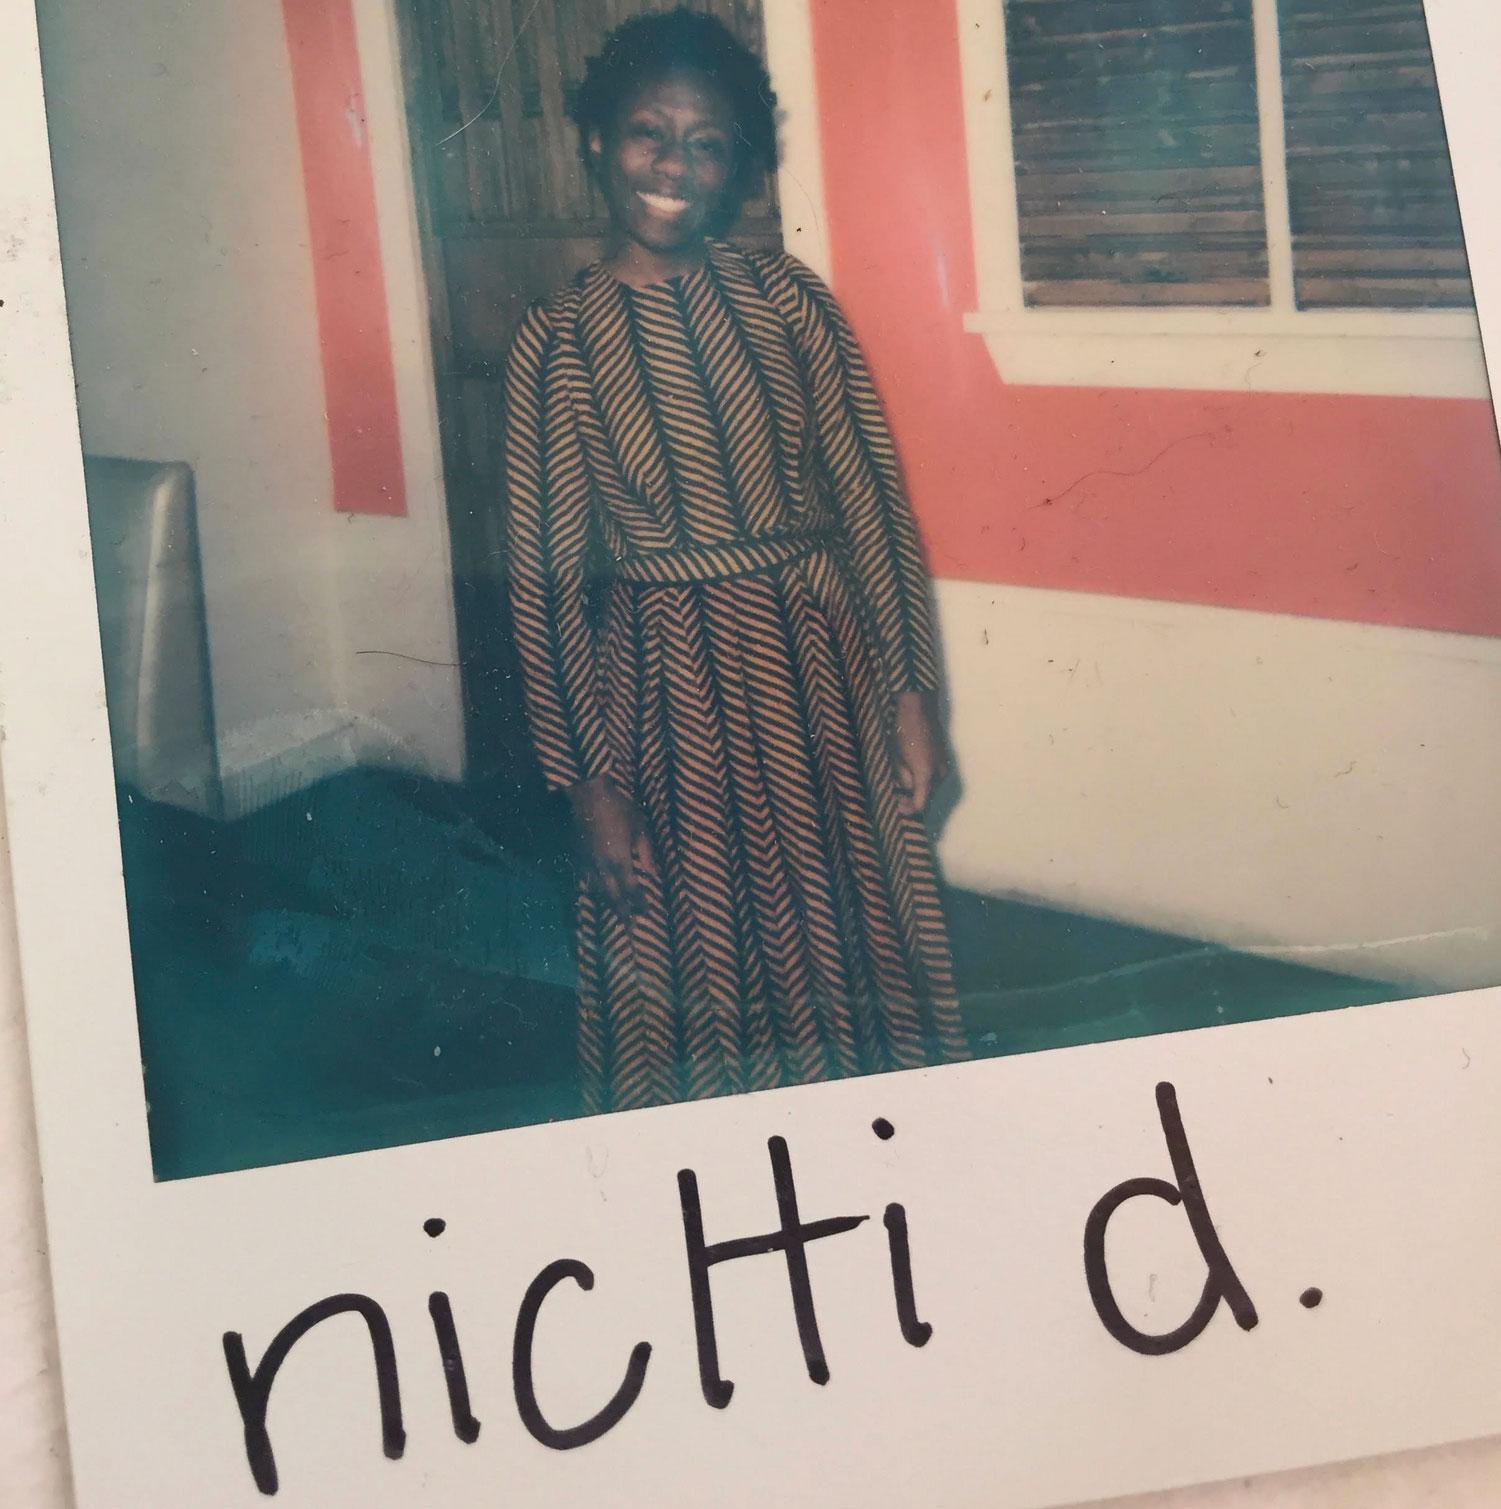 NichisInsta.jpg